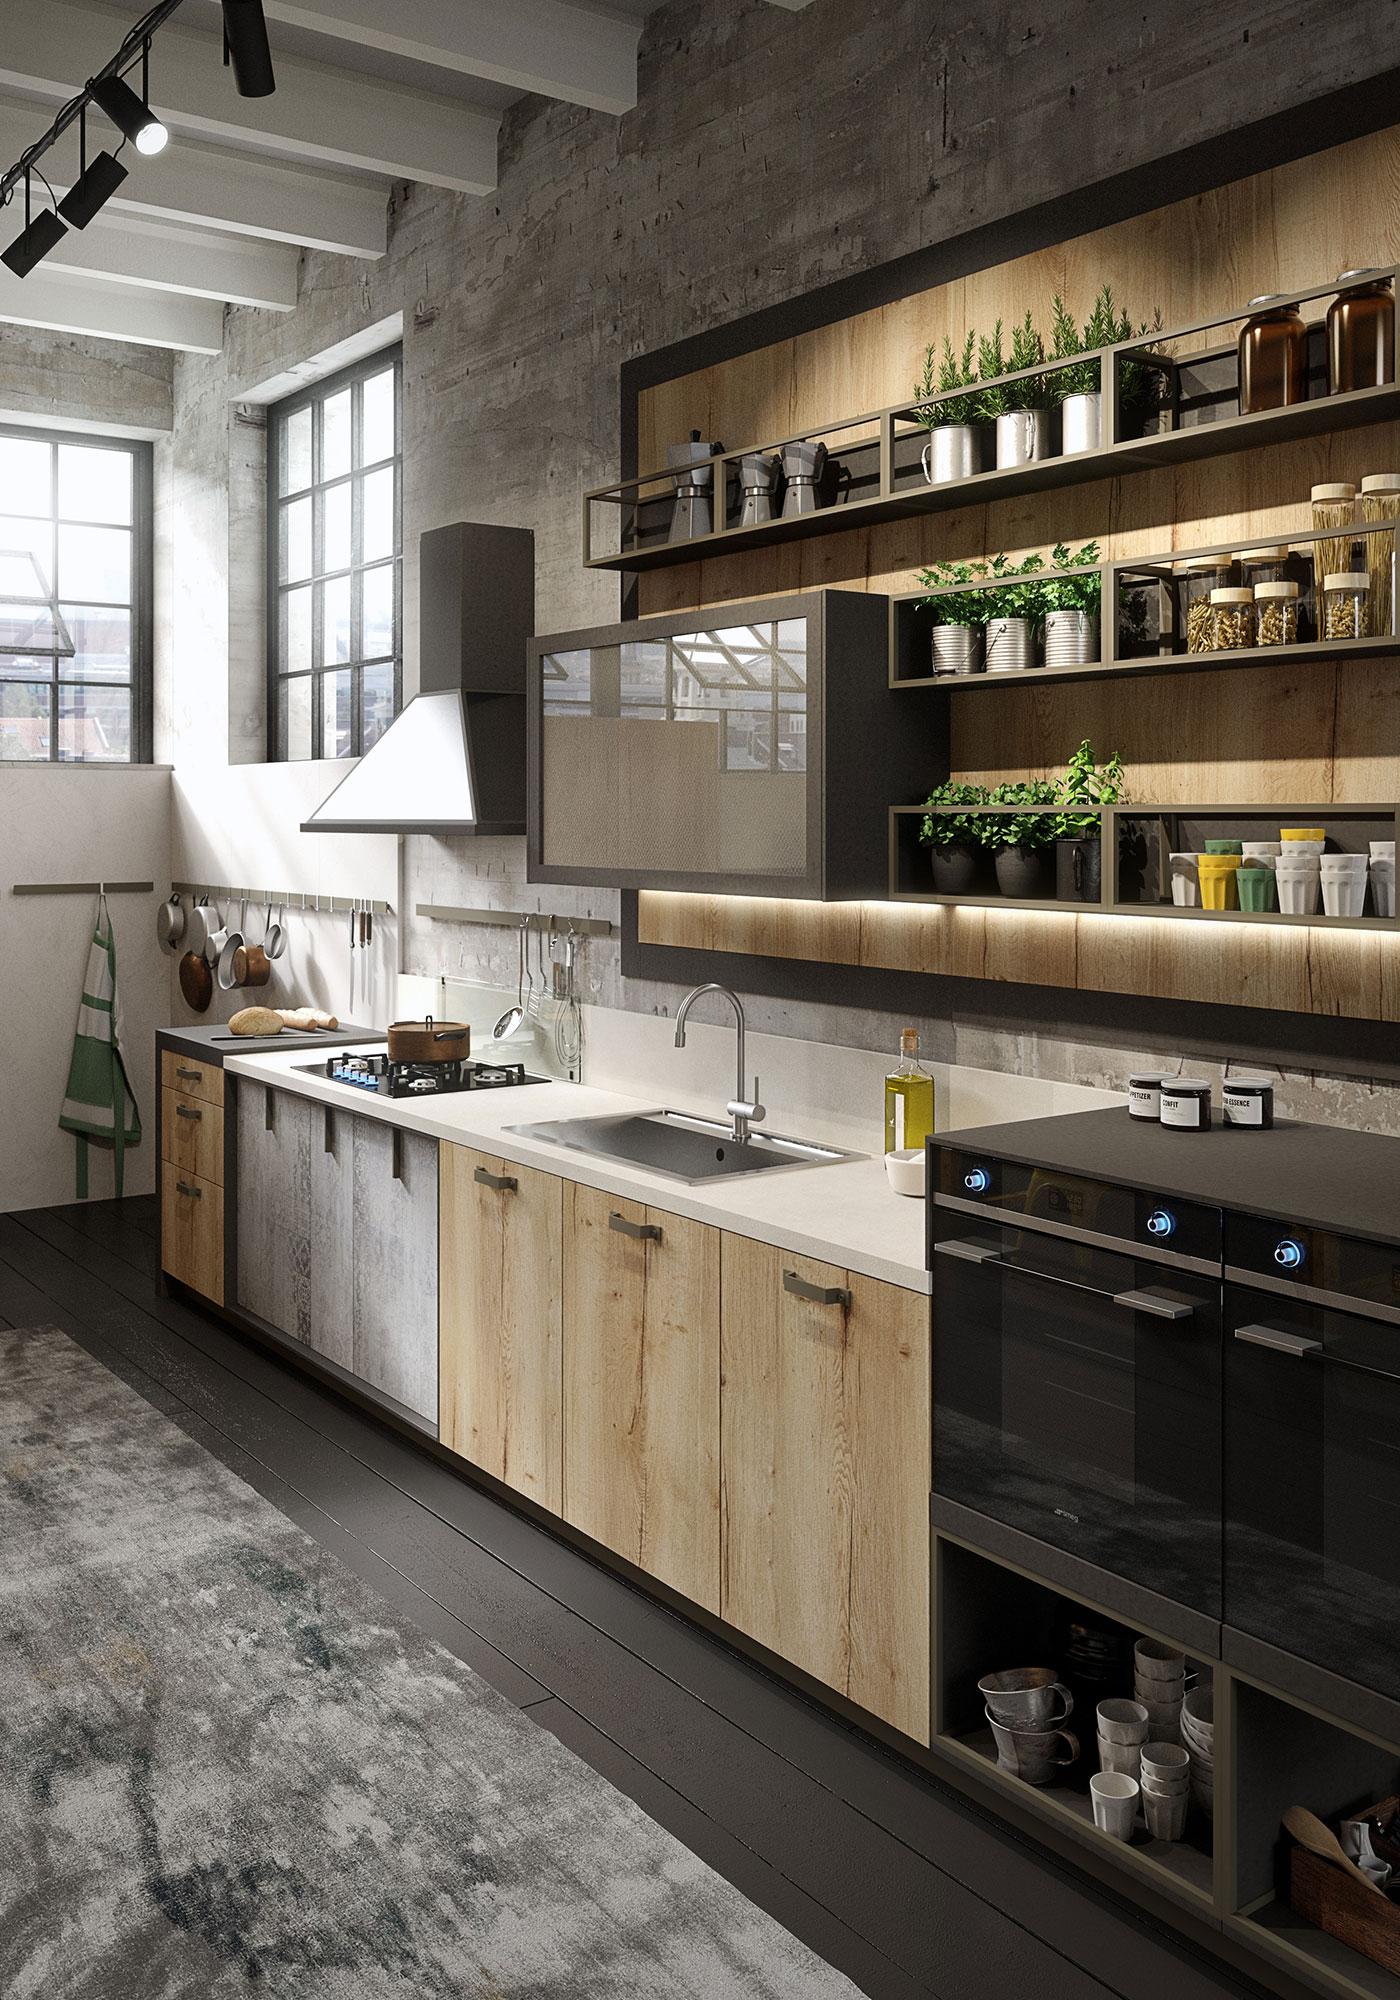 Beautiful Cucine In Legno Grezzo Pictures - Ideas & Design 2017 ...